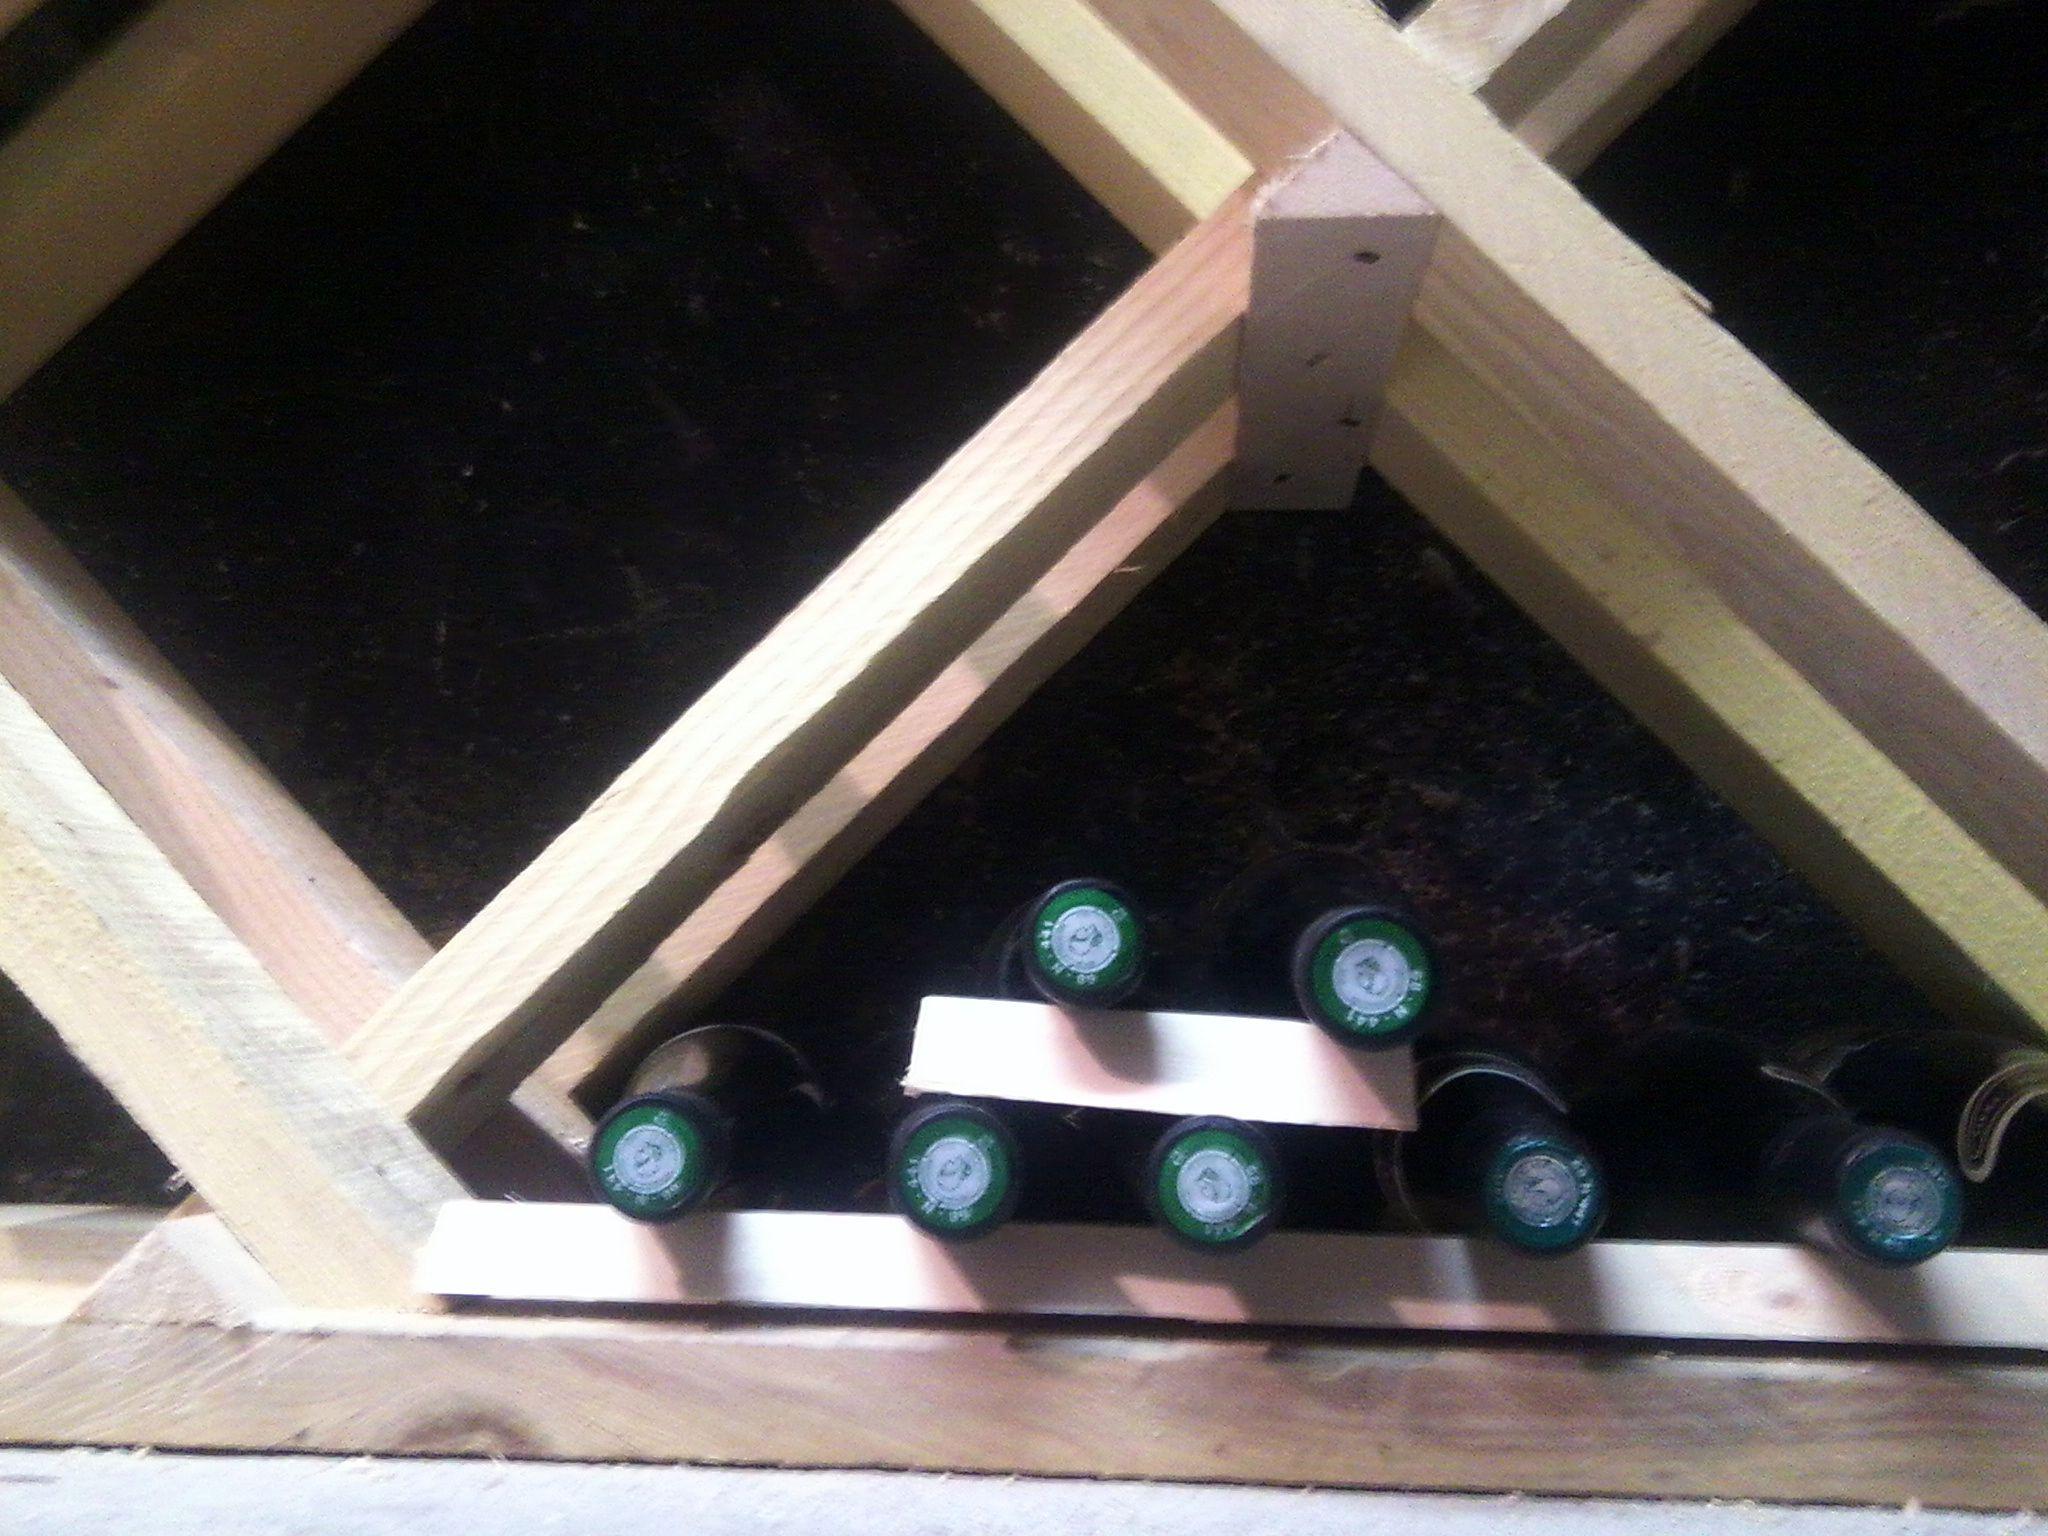 Fabriquer Casier À Bouteilles En Bois plan de fabrication d'un casier à bouteilles | forum